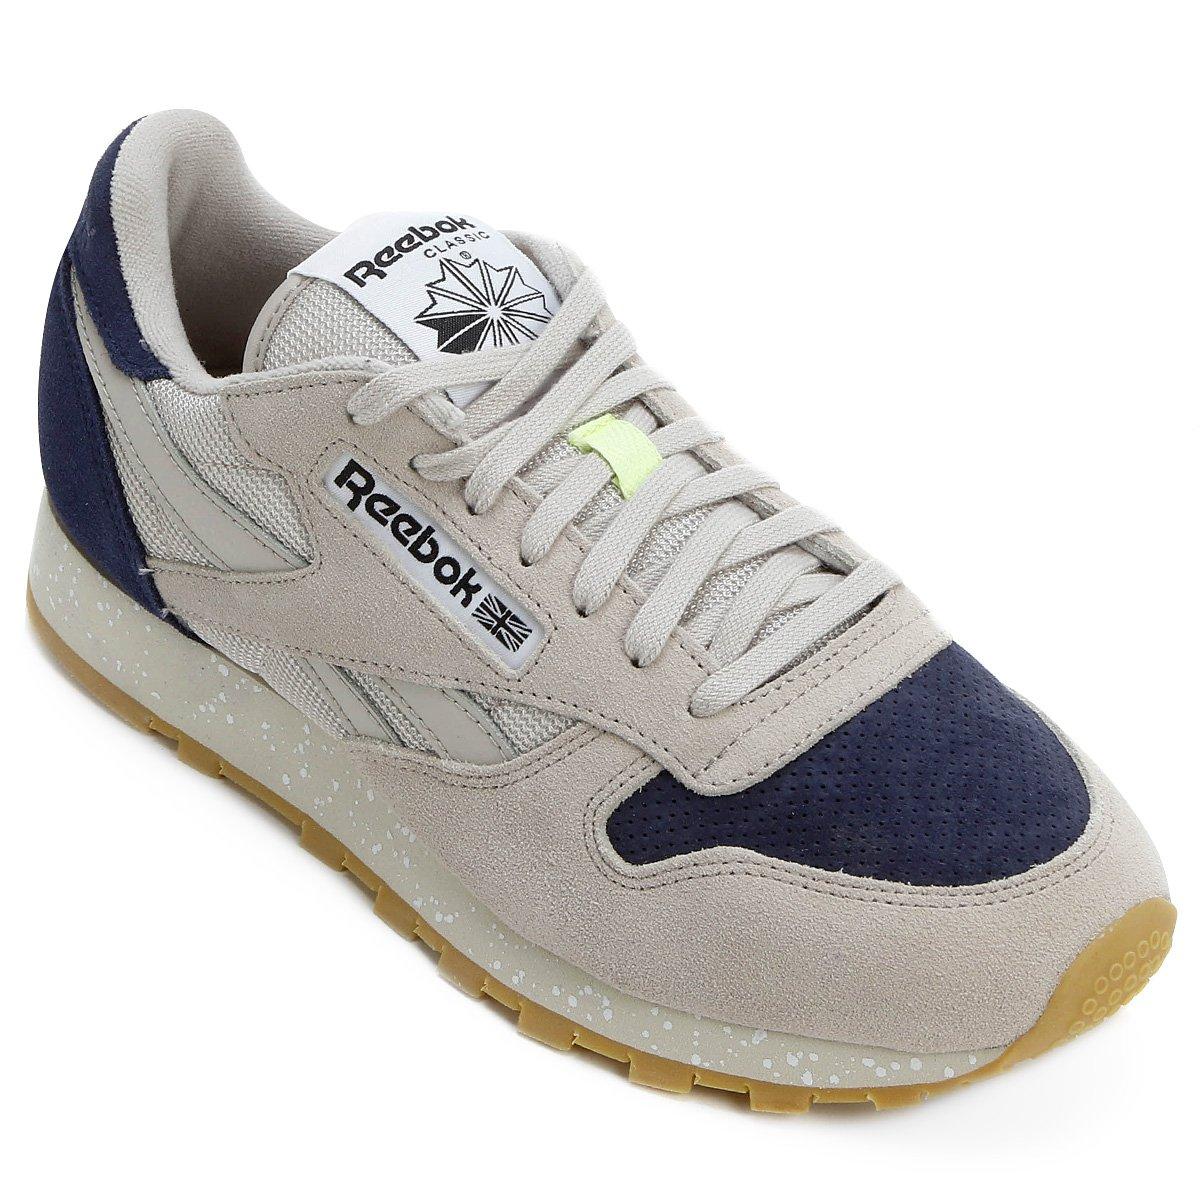 67c079b2a79 Tênis Reebok Classic Leather Sm - Compre Agora